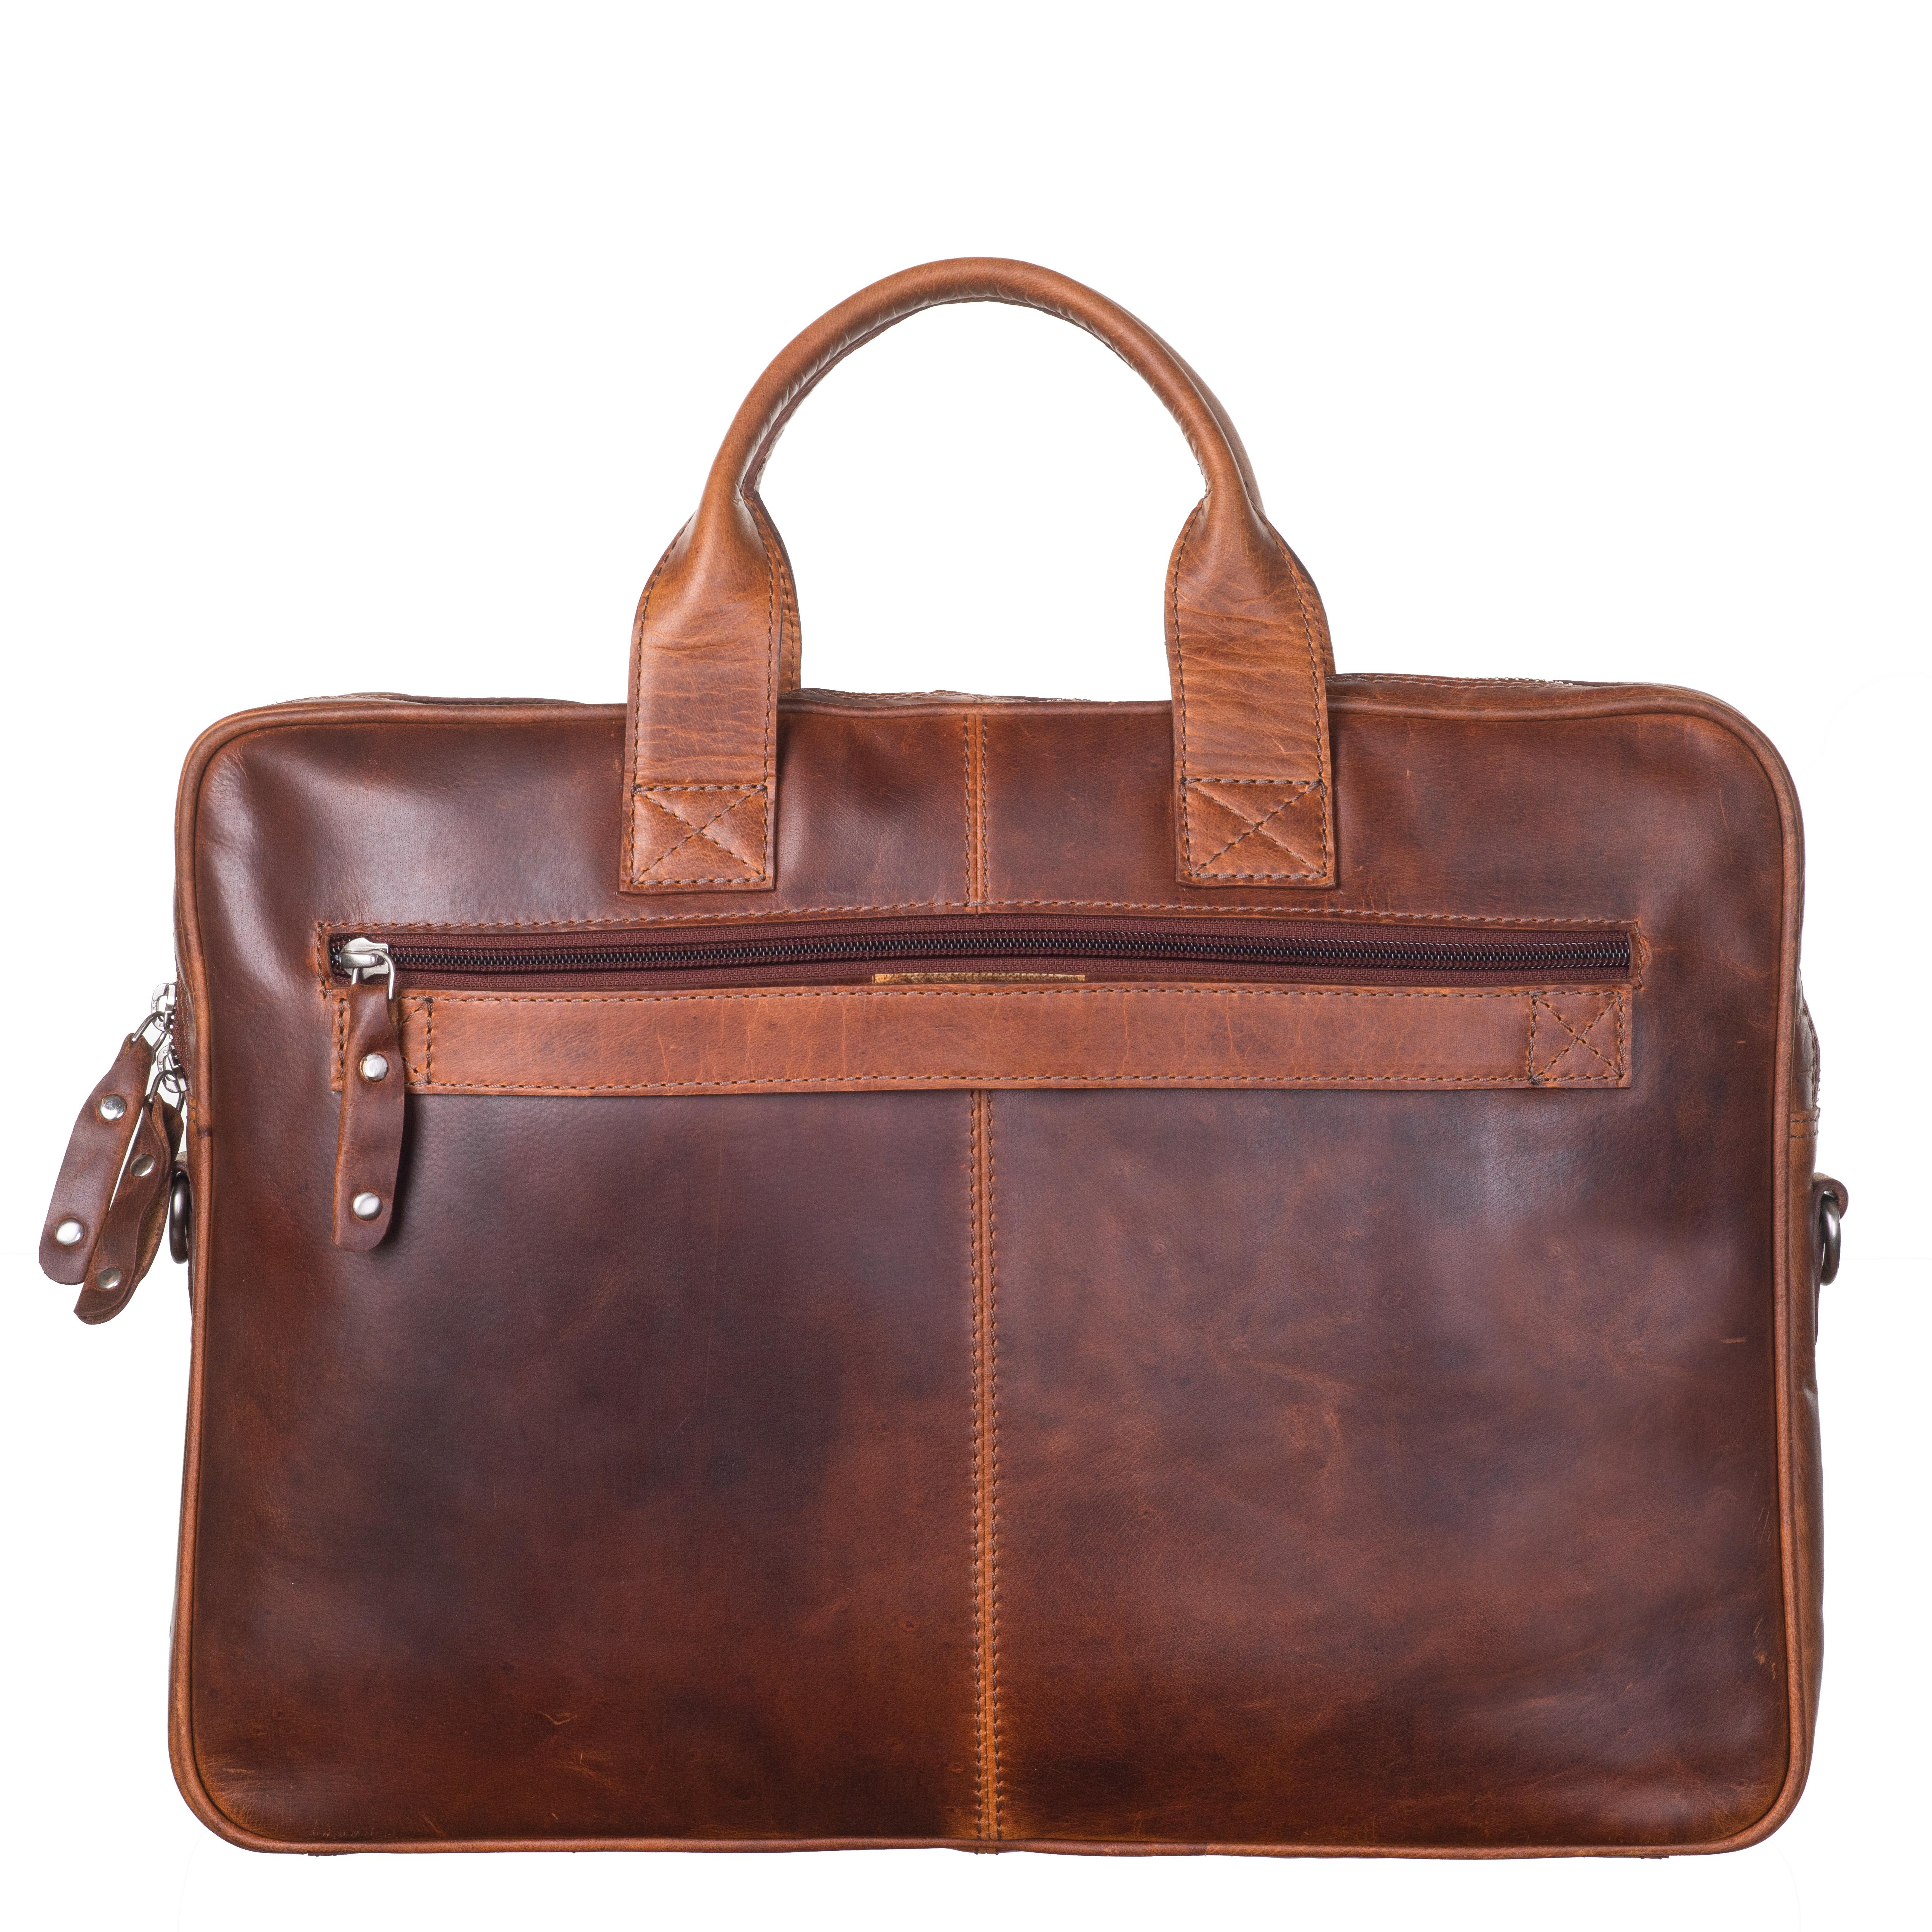 77762-26 Cognac Bak